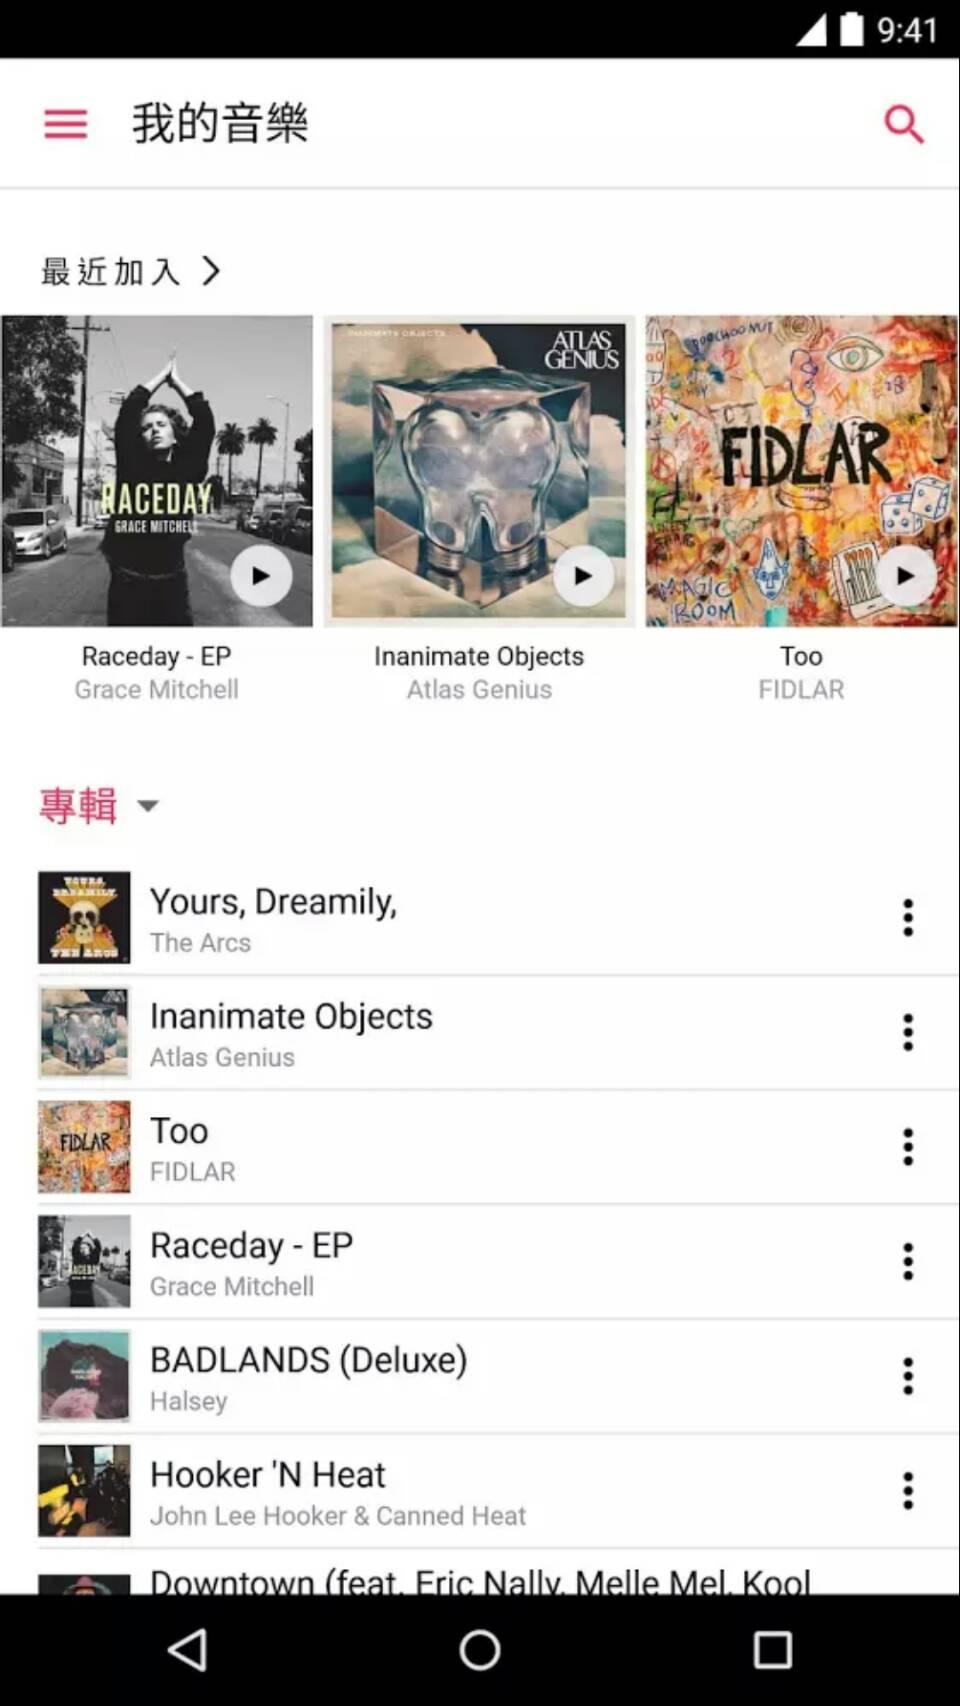 接下來就是Apple Music,不要以為只有Apple才有,其實Android系統也有!介面單純,基本上以白色為基底,操作起來小編覺得比KKBOX要簡單一些呢!